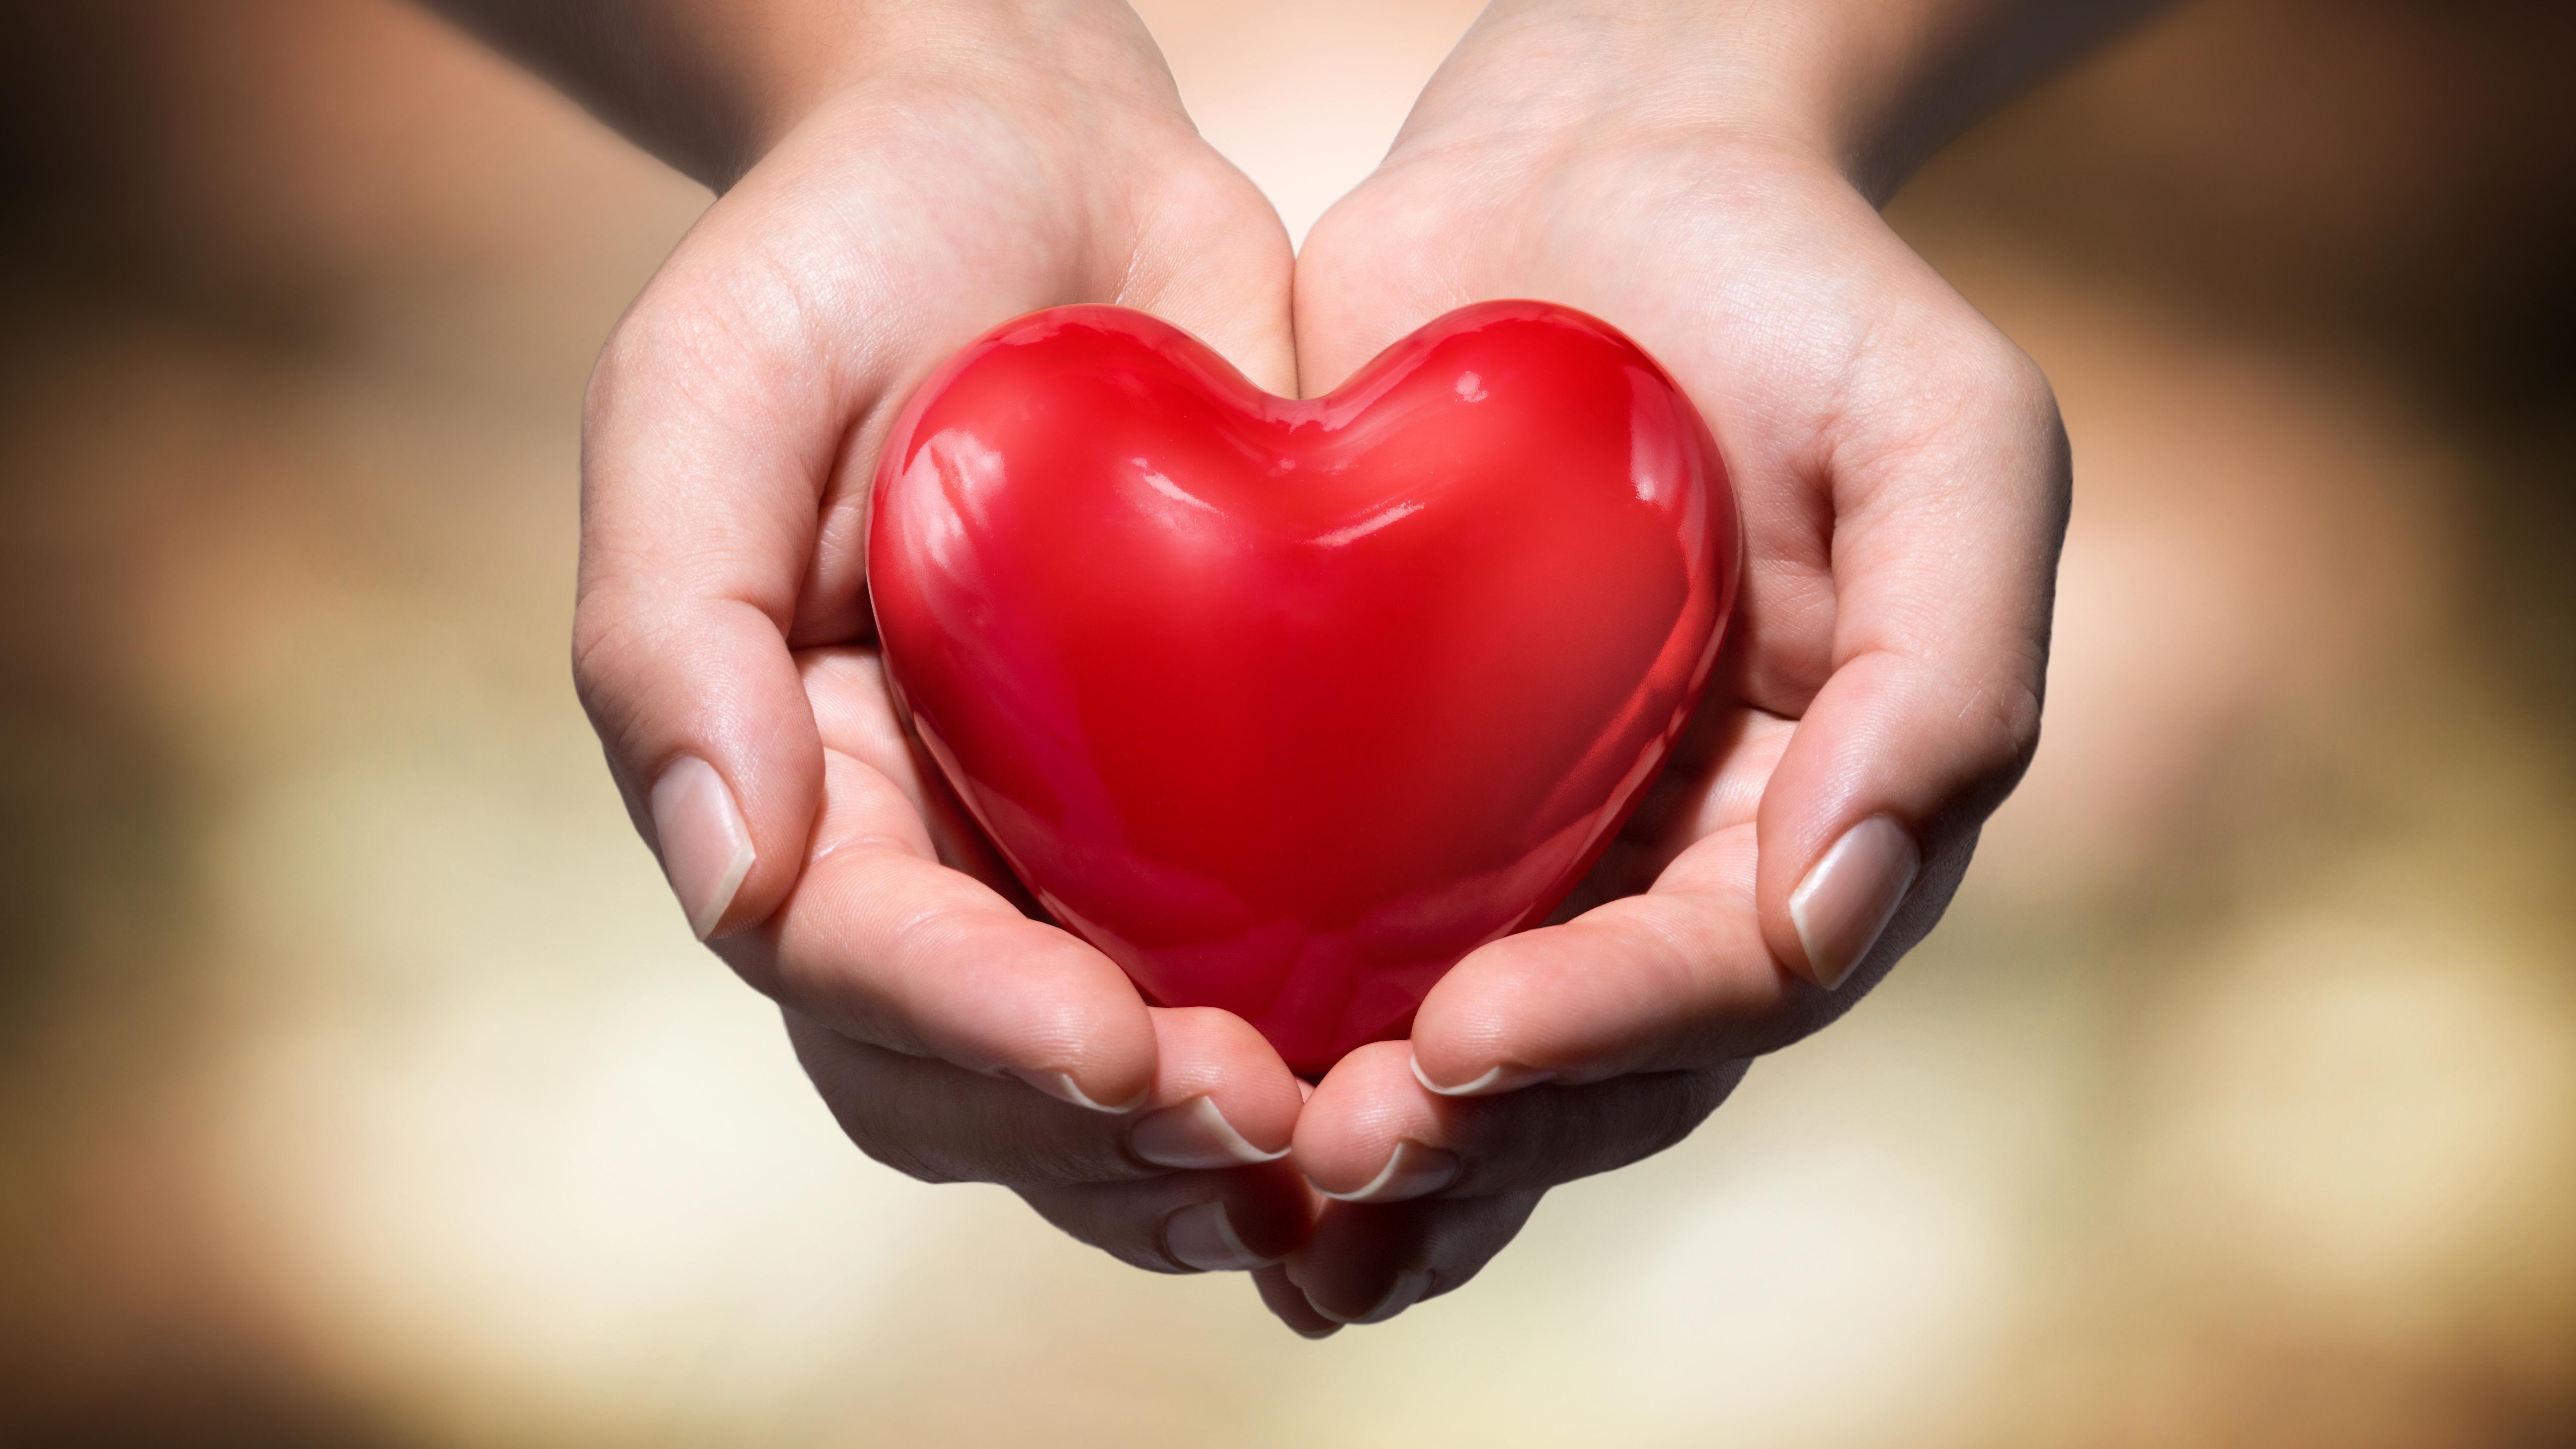 Choroba niedokrwienna serca (choroba wieńcowa)